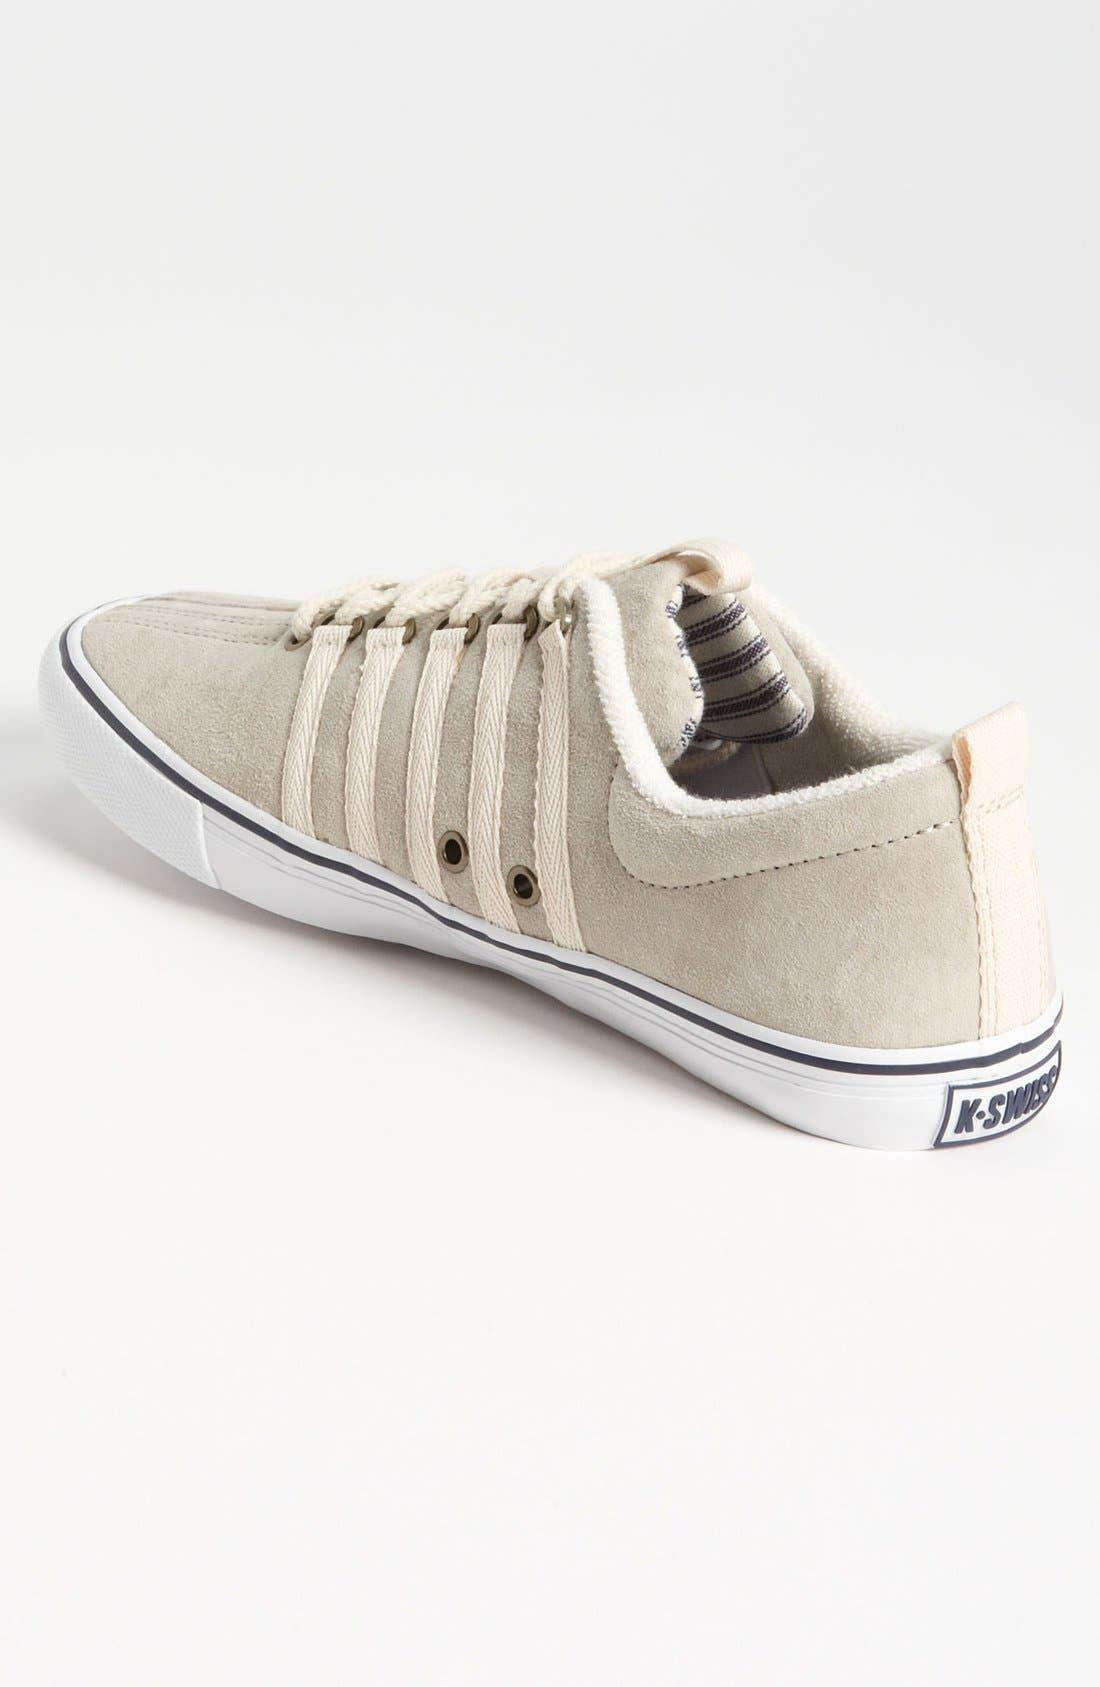 Alternate Image 2  - K-Swiss 'Billy Reid Venice' Suede Sneaker (Men)